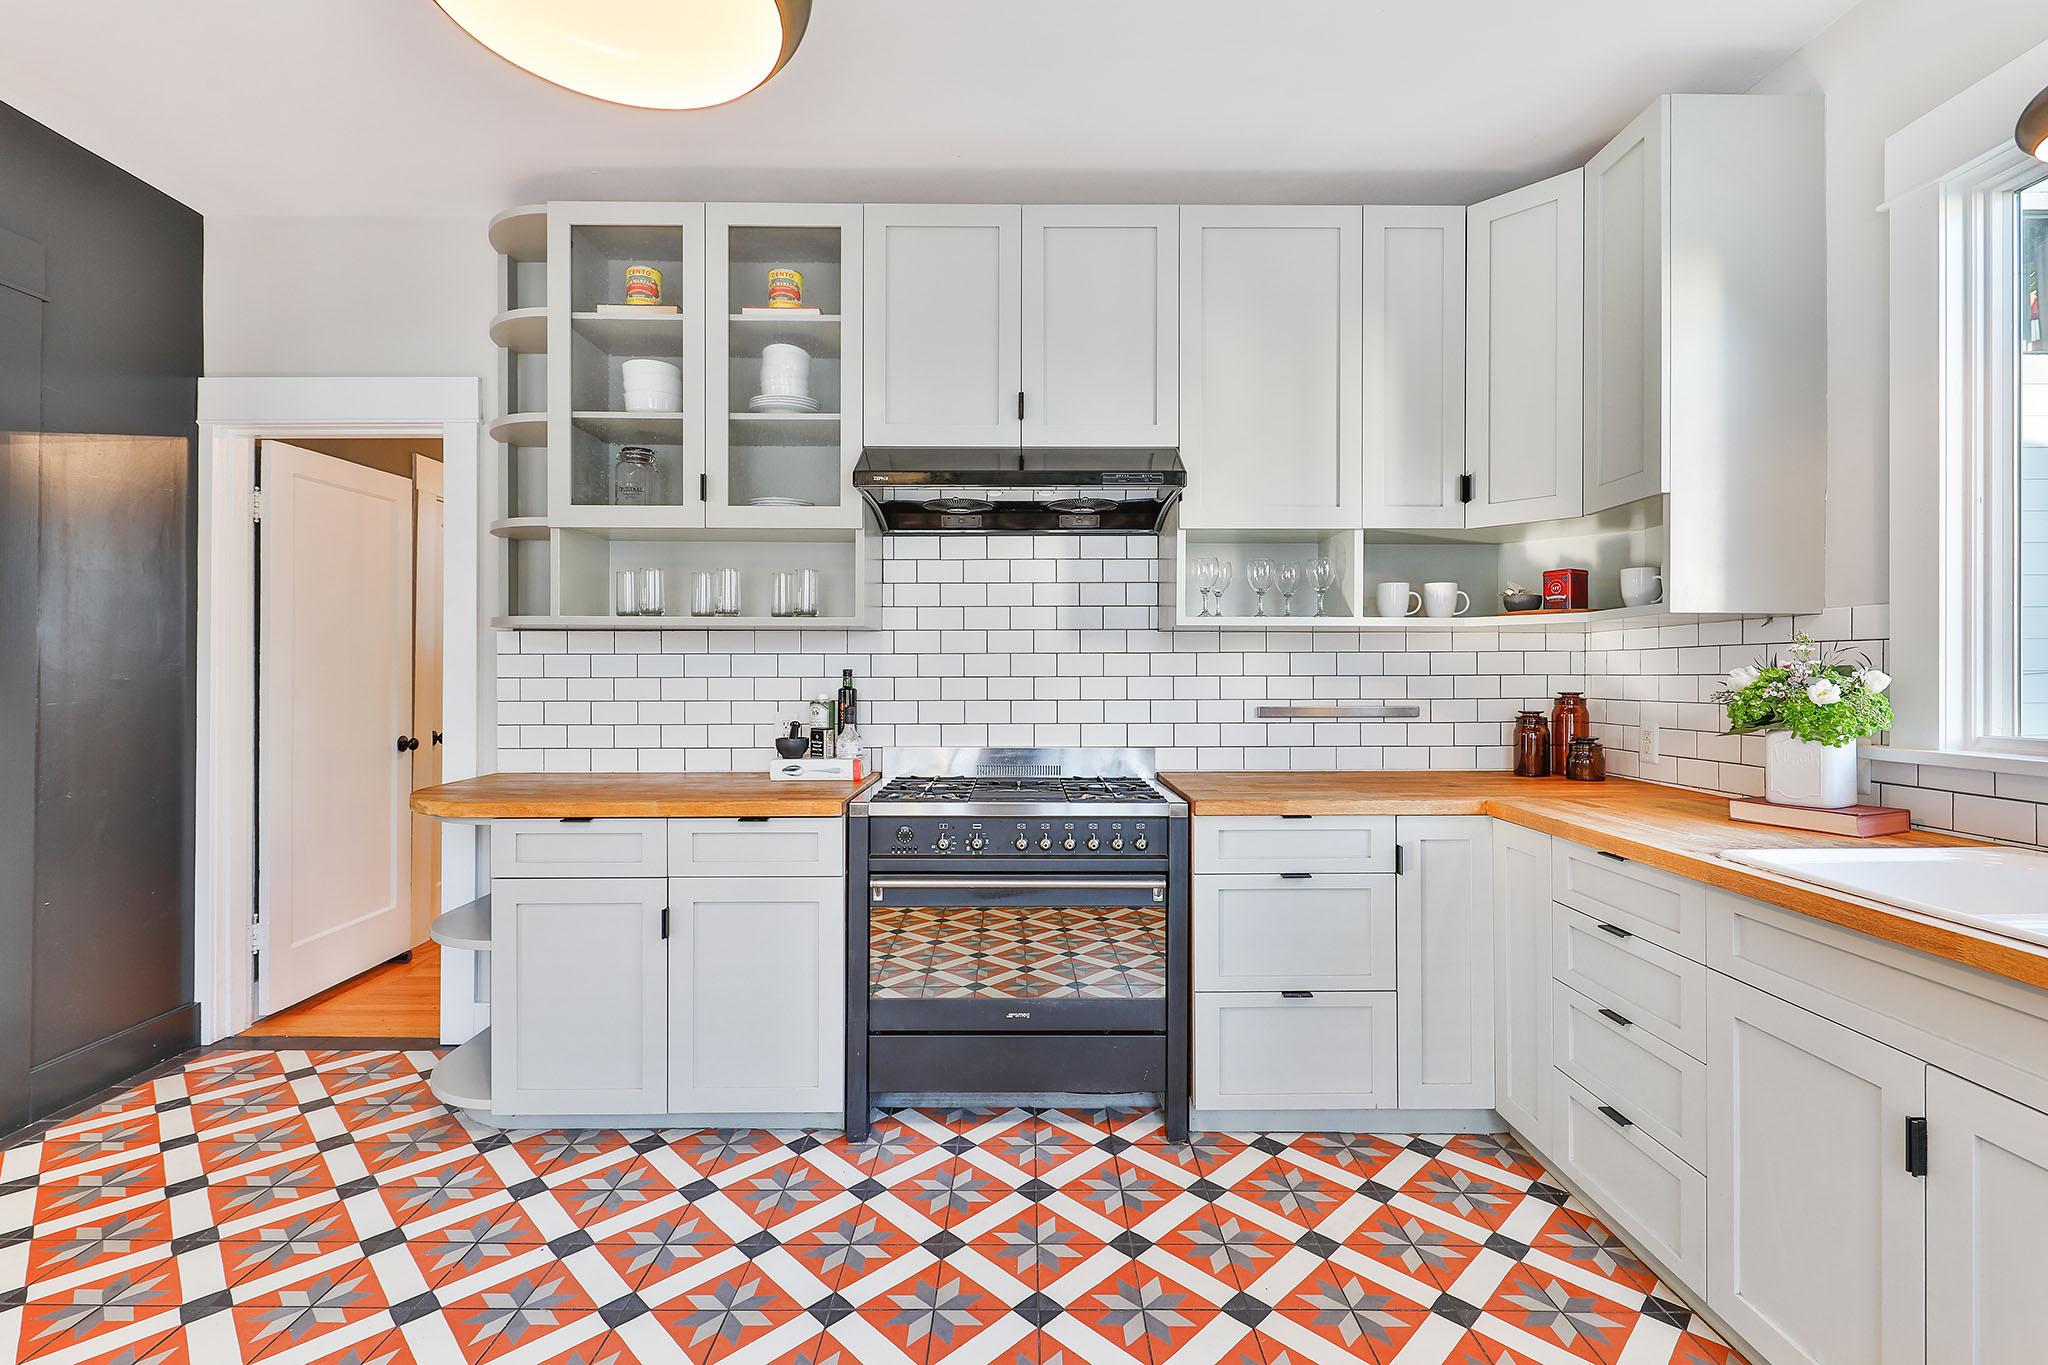 San Francisco Home - Modern Kitchen